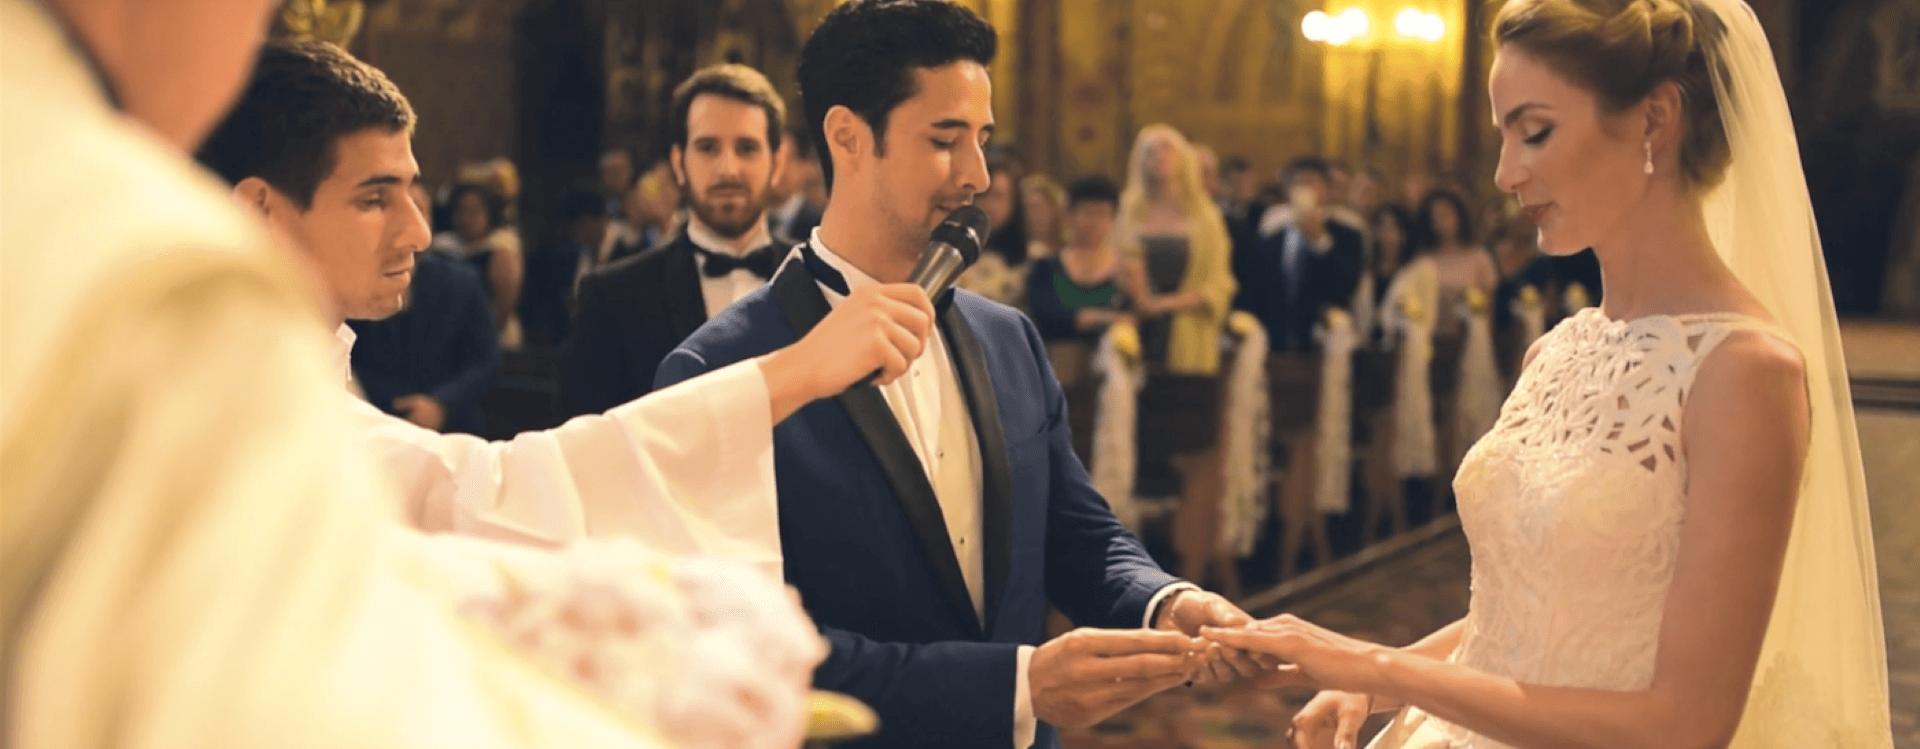 ,budapesti esküvő,